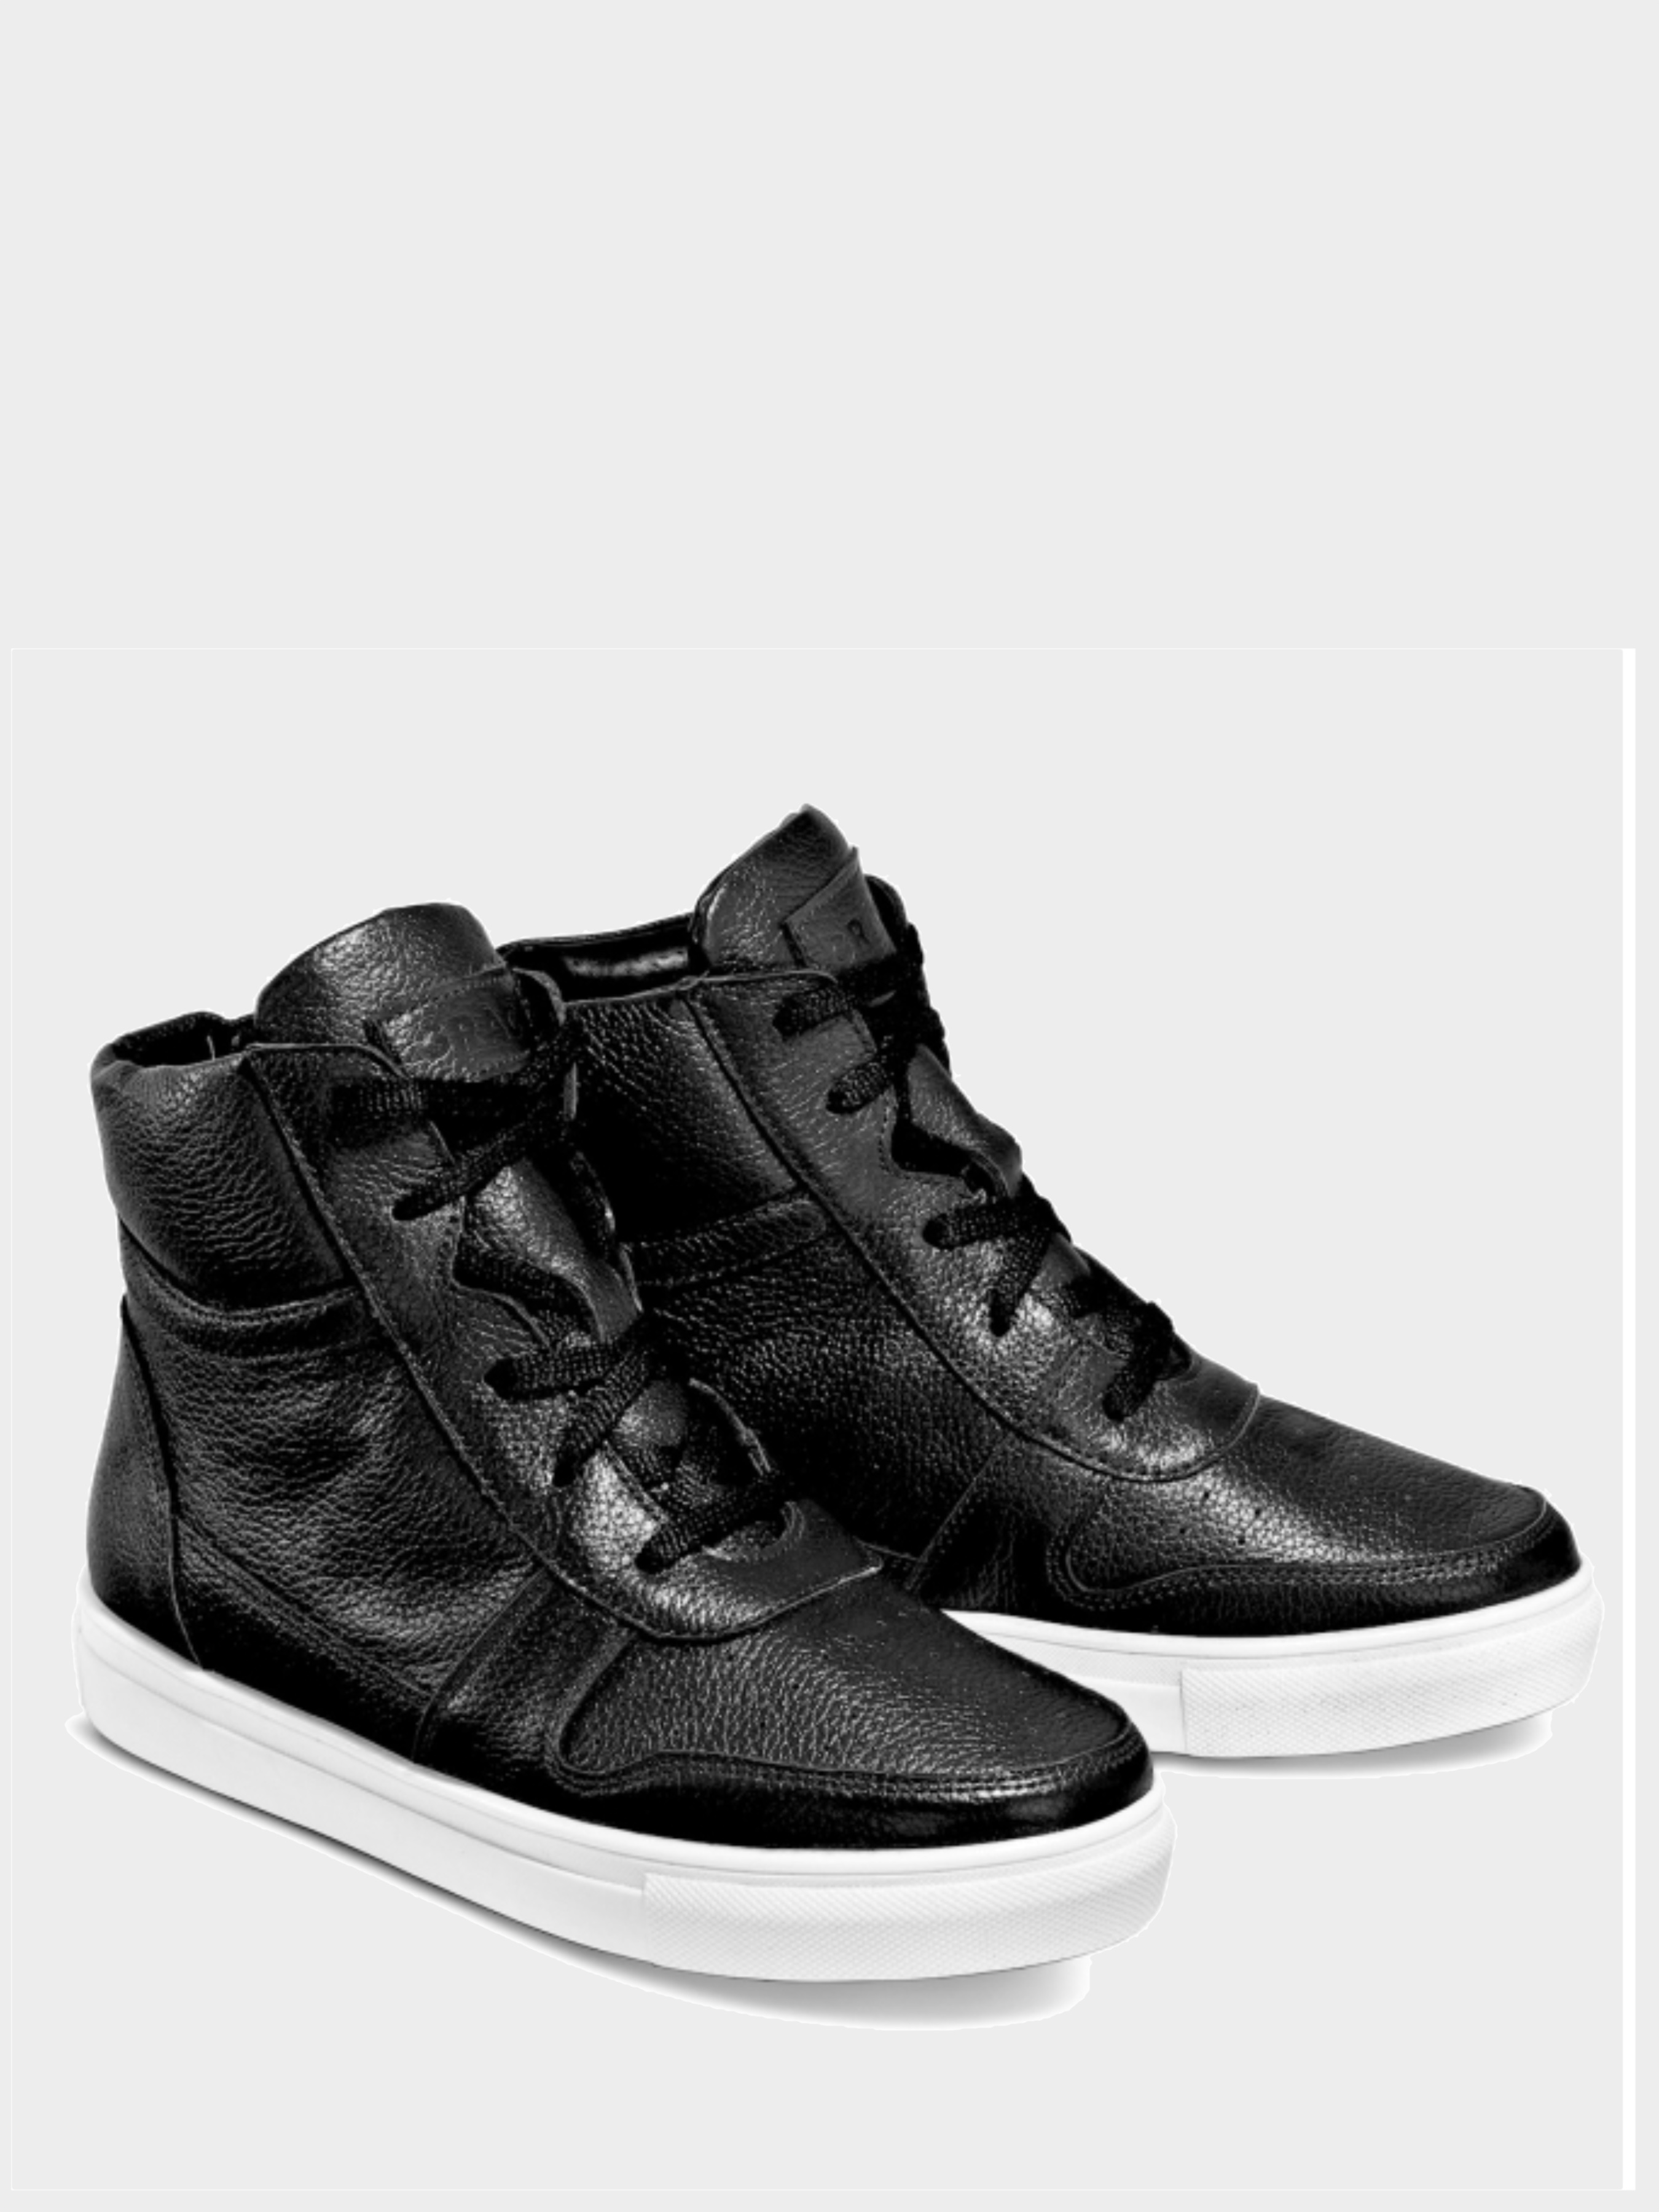 Ботинки для женщин Ботинки на байке H2 H2.1.000000323 брендовая обувь, 2017